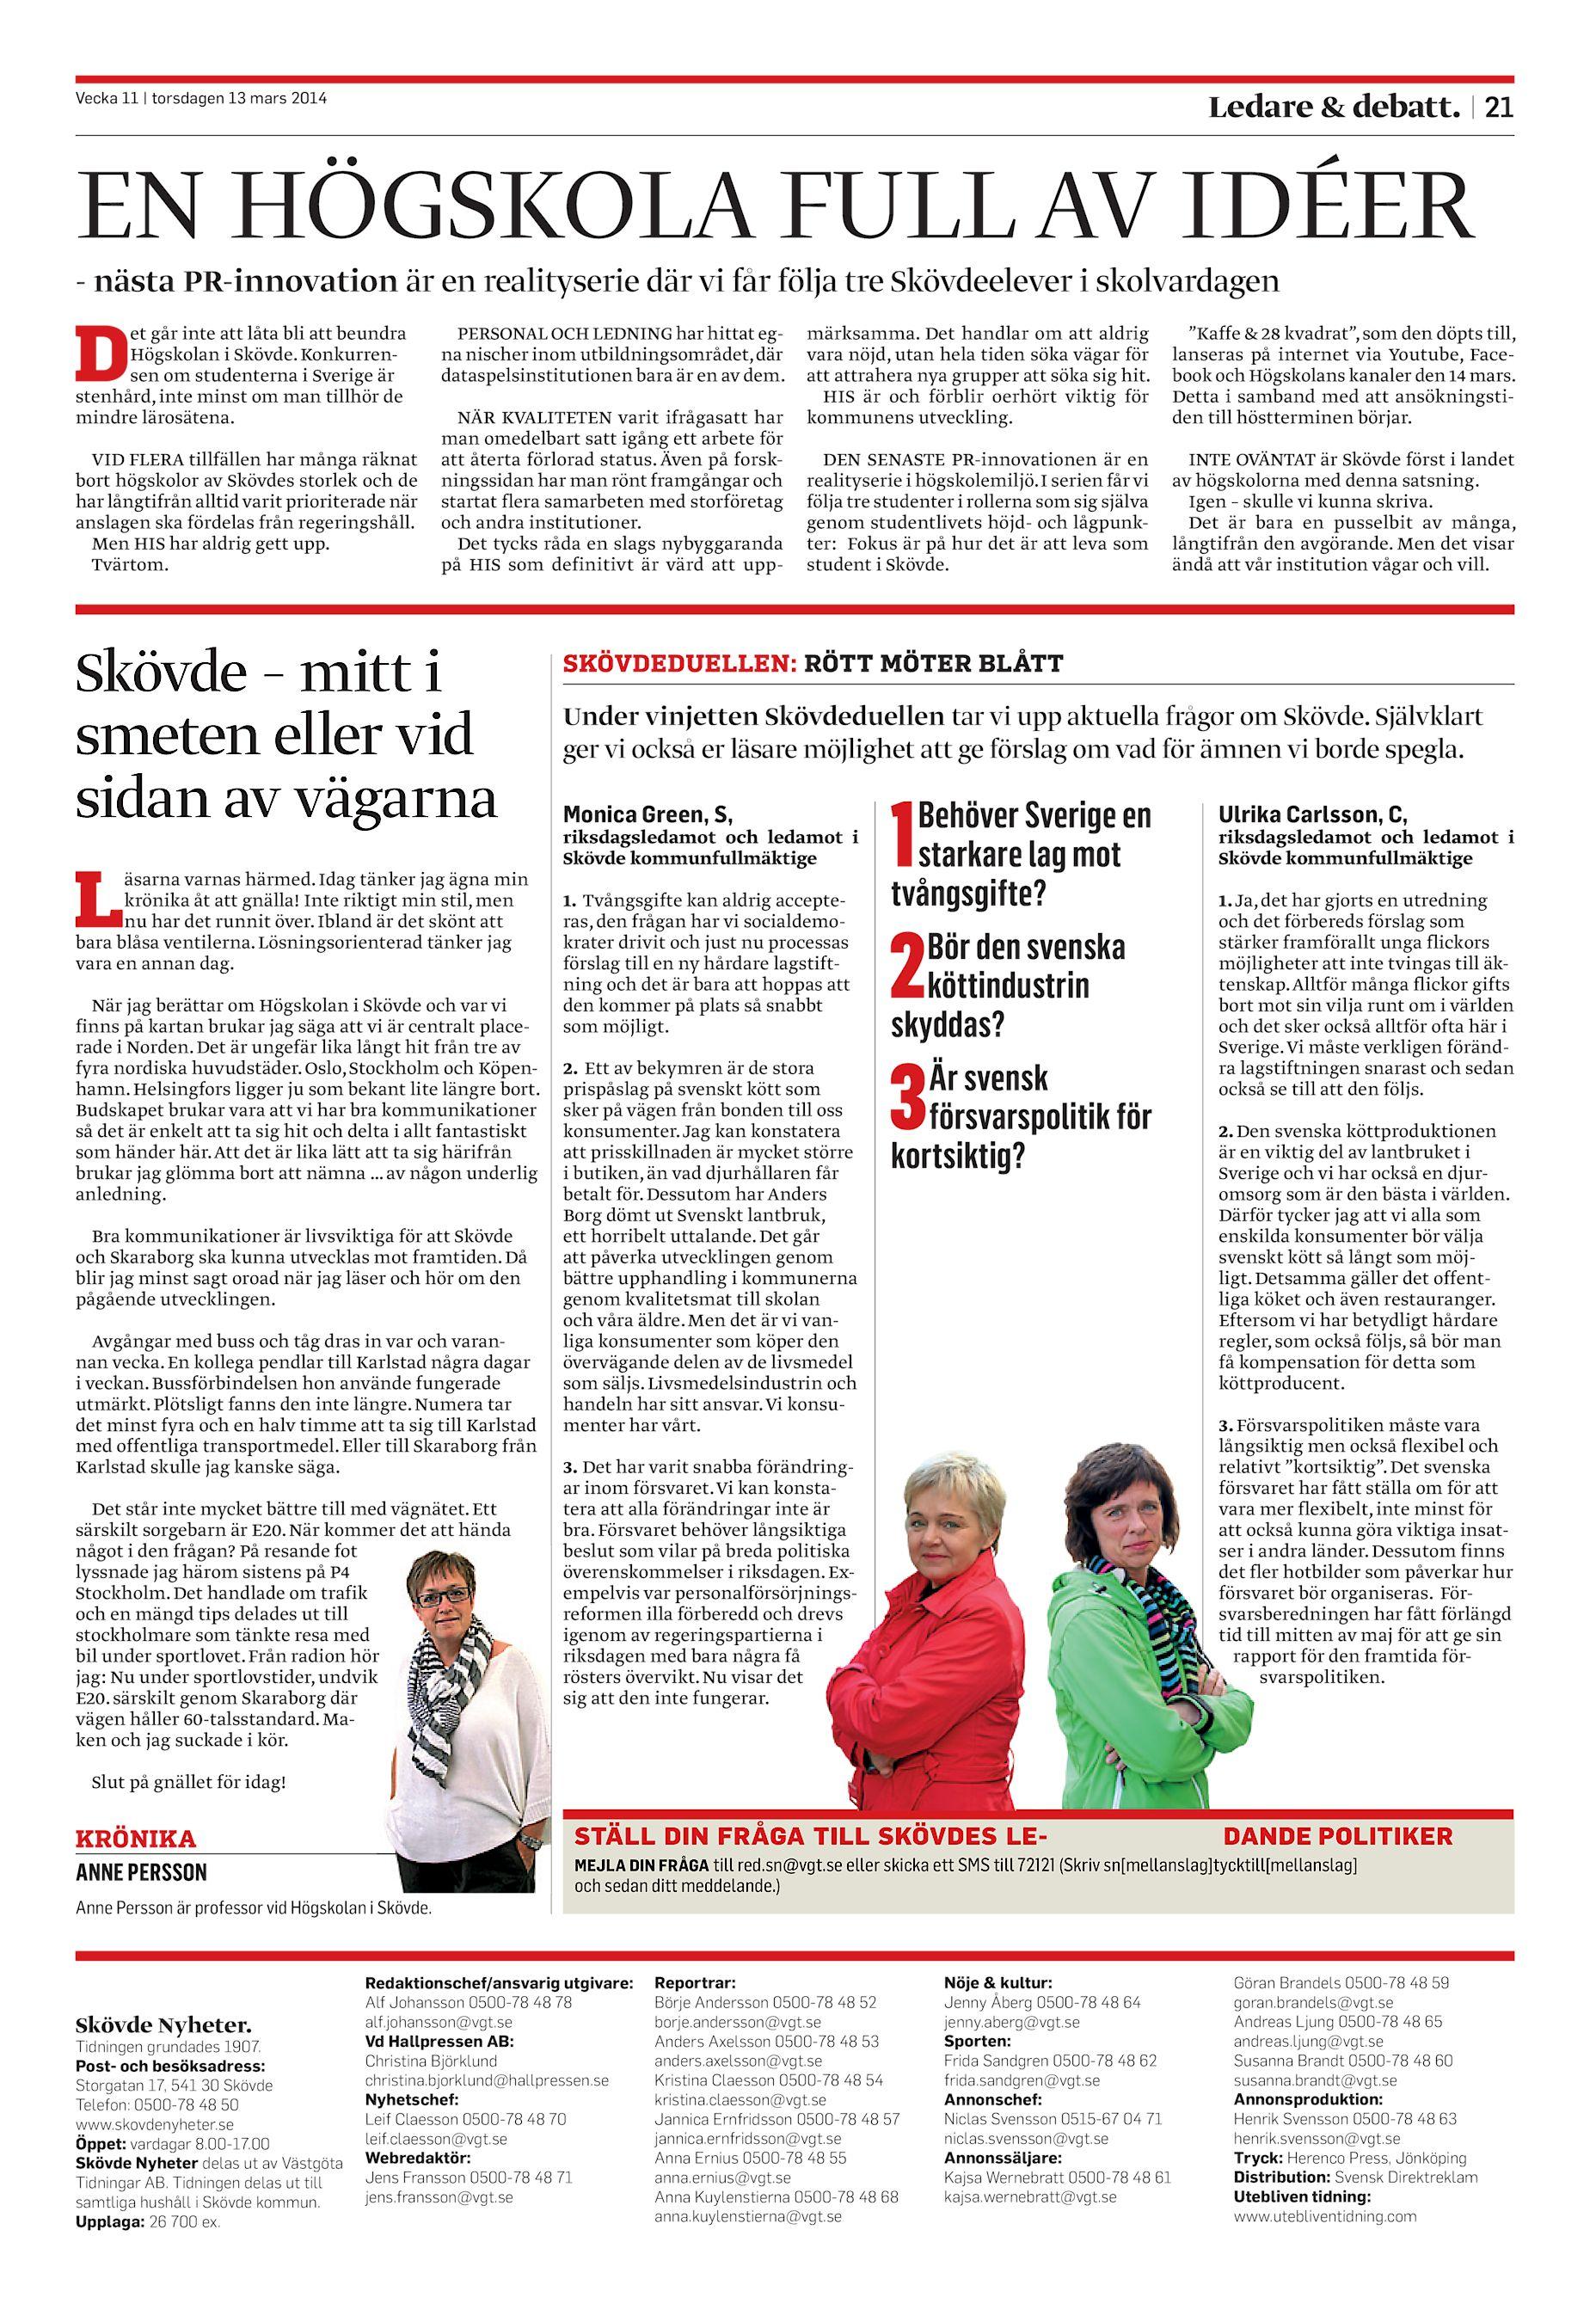 Skövde Nyheter SN-20140313 (endast text) b41c15a9e21ec